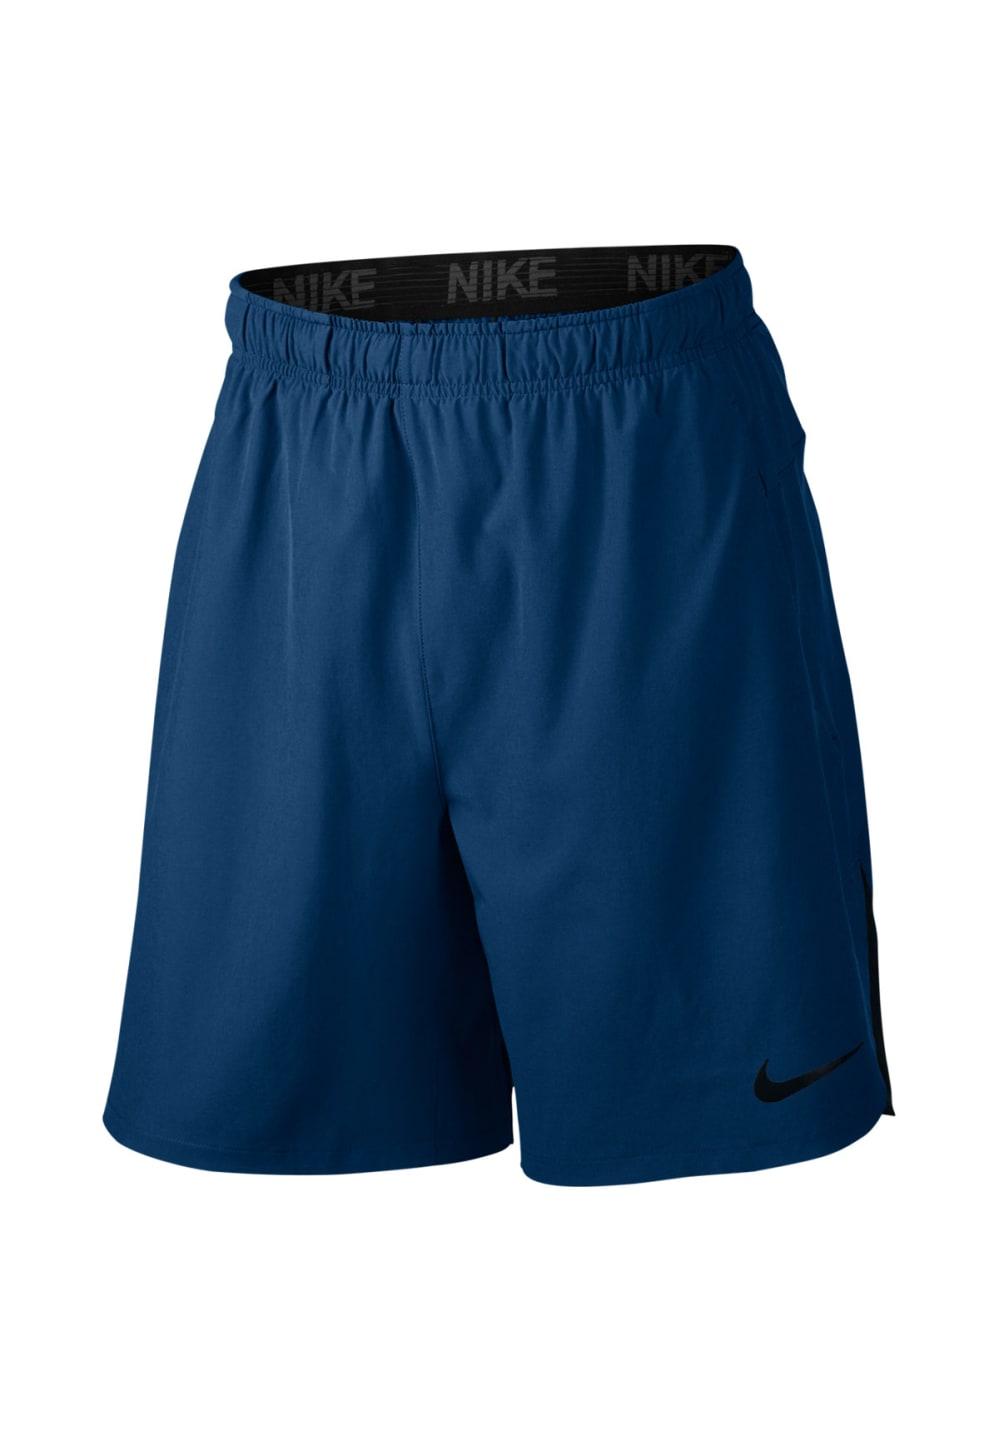 Flex Pour Nike Course Pantalons Bleu Homme Short Training 4L35jAR